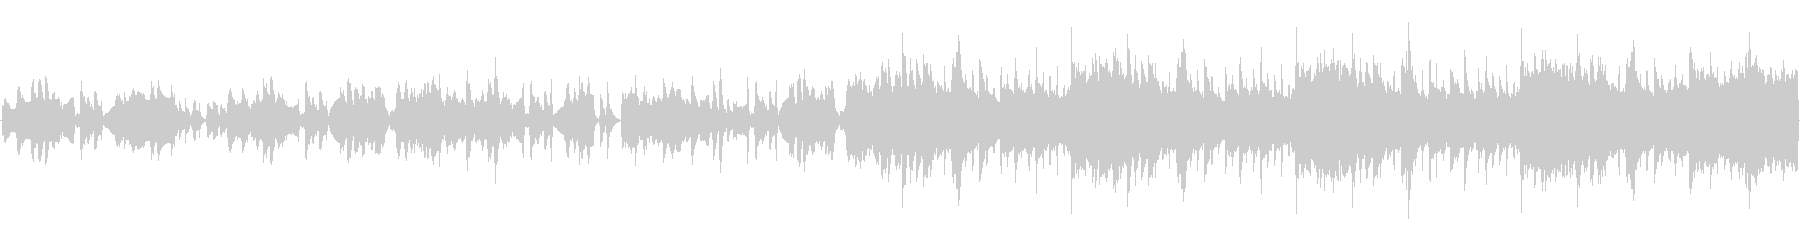 軽いピチカートほのぼのループの未再生の波形